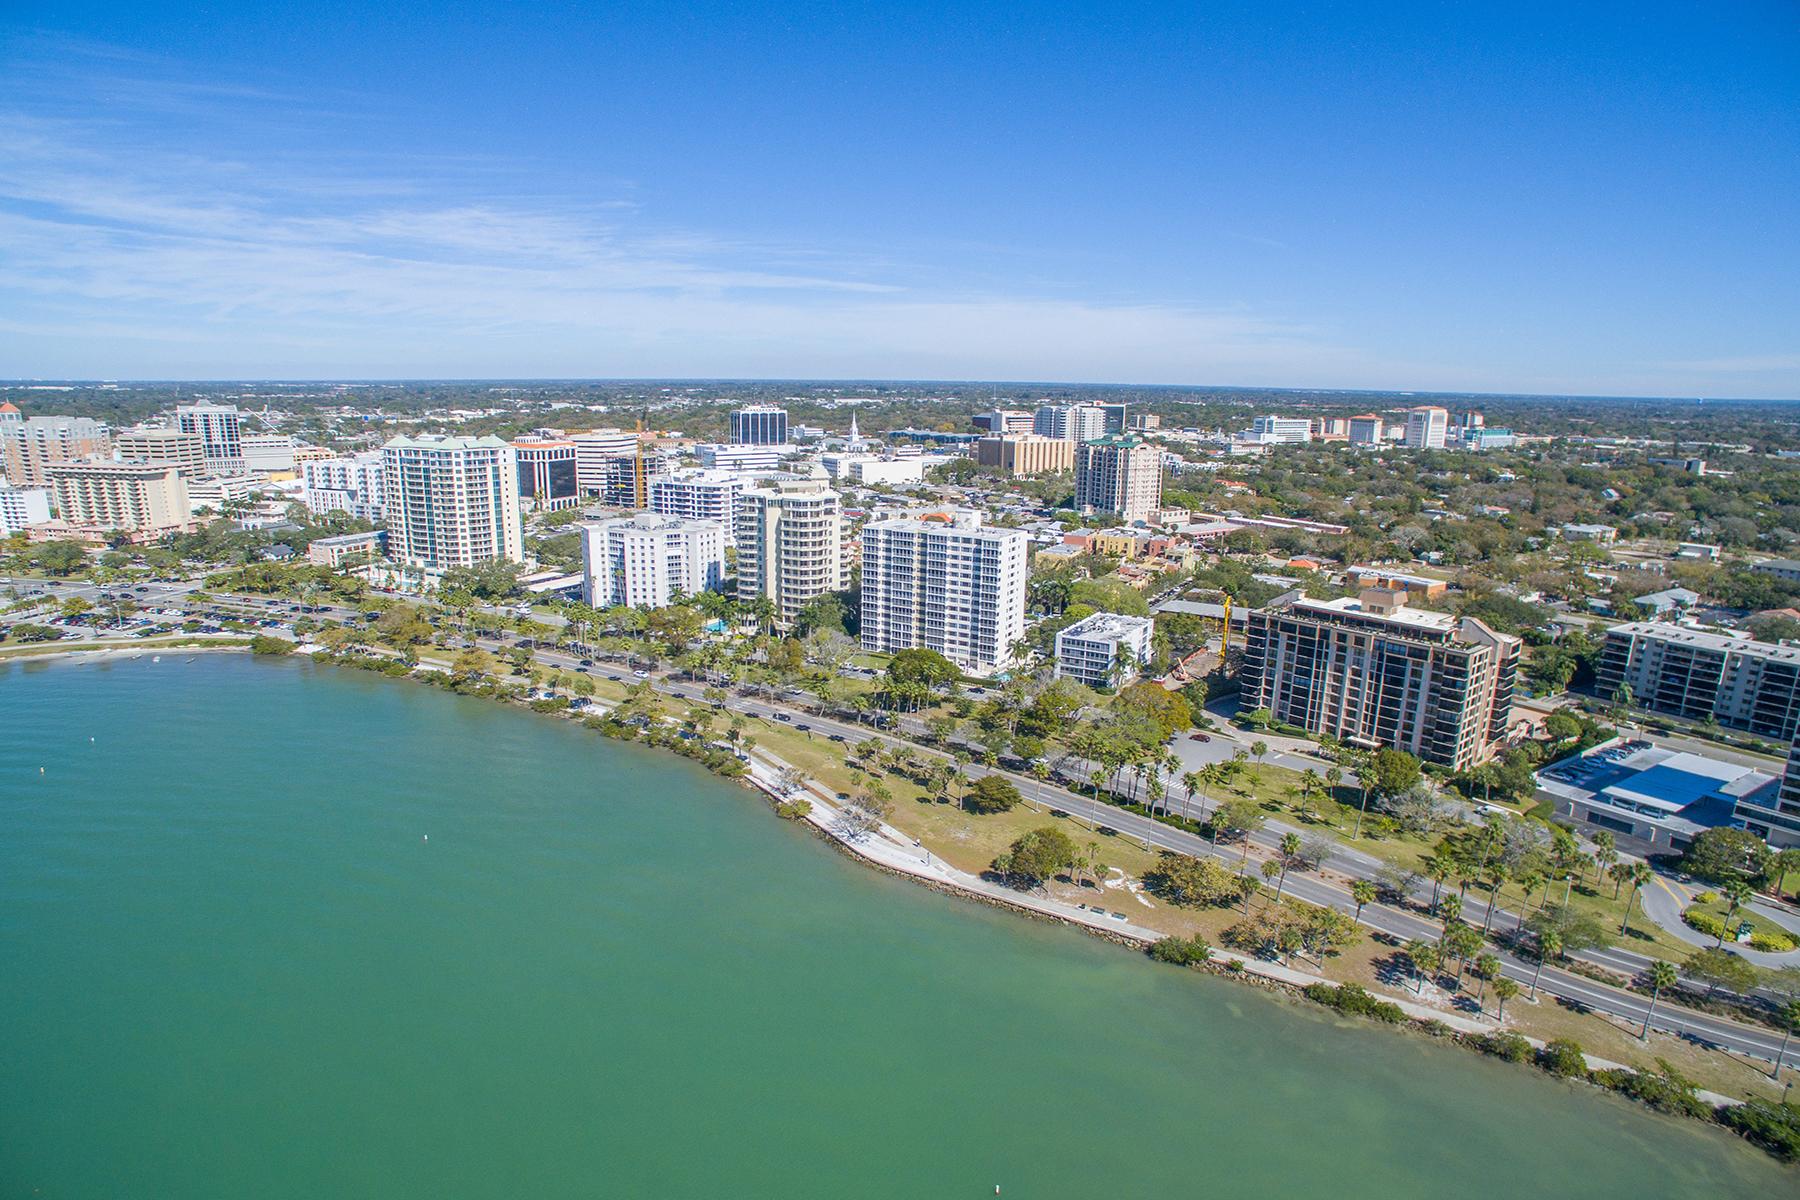 Nhà chung cư vì Bán tại ESSEX HOUSE 707 S Gulfstream Ave 904 Sarasota, Florida, 34236 Hoa Kỳ